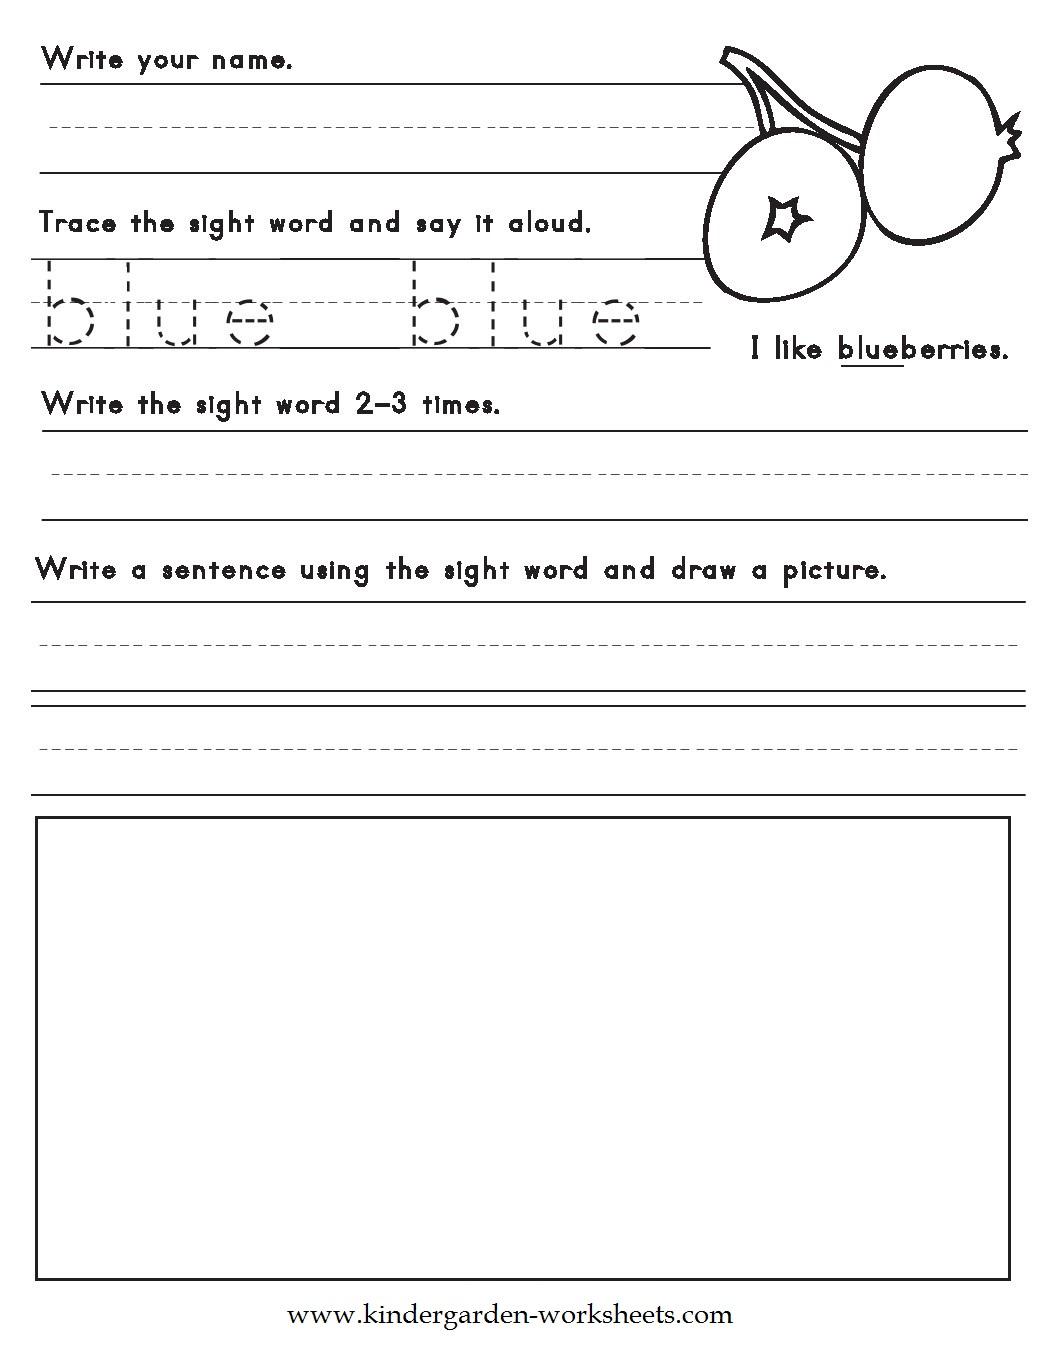 Kindergarten Worksheets Color Words Worksheets Blue – Color Words Worksheets for Kindergarten